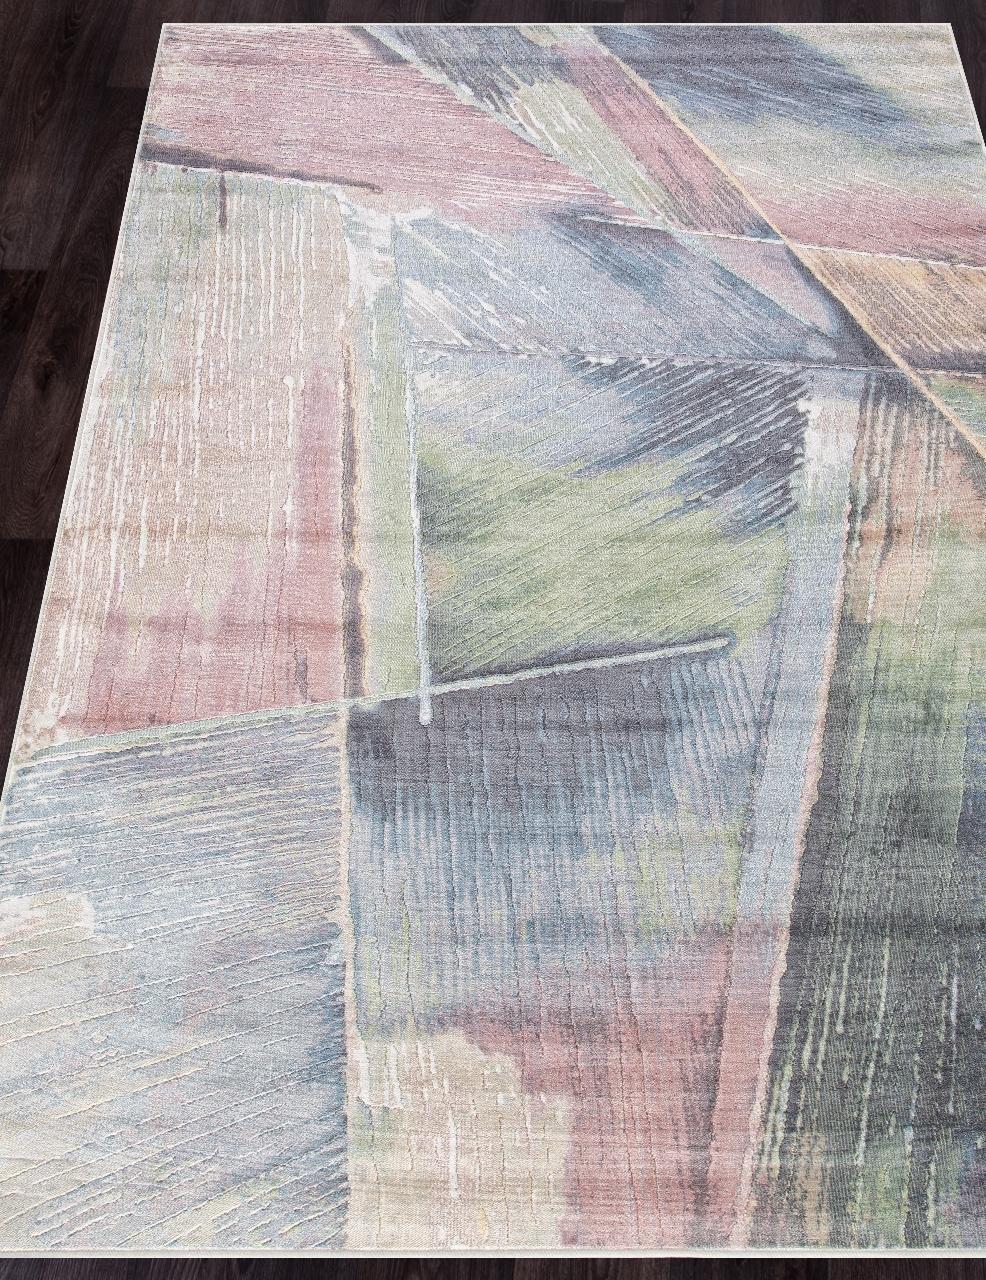 Ковер 989920 - 6264 - Прямоугольник - коллекция MATRIX